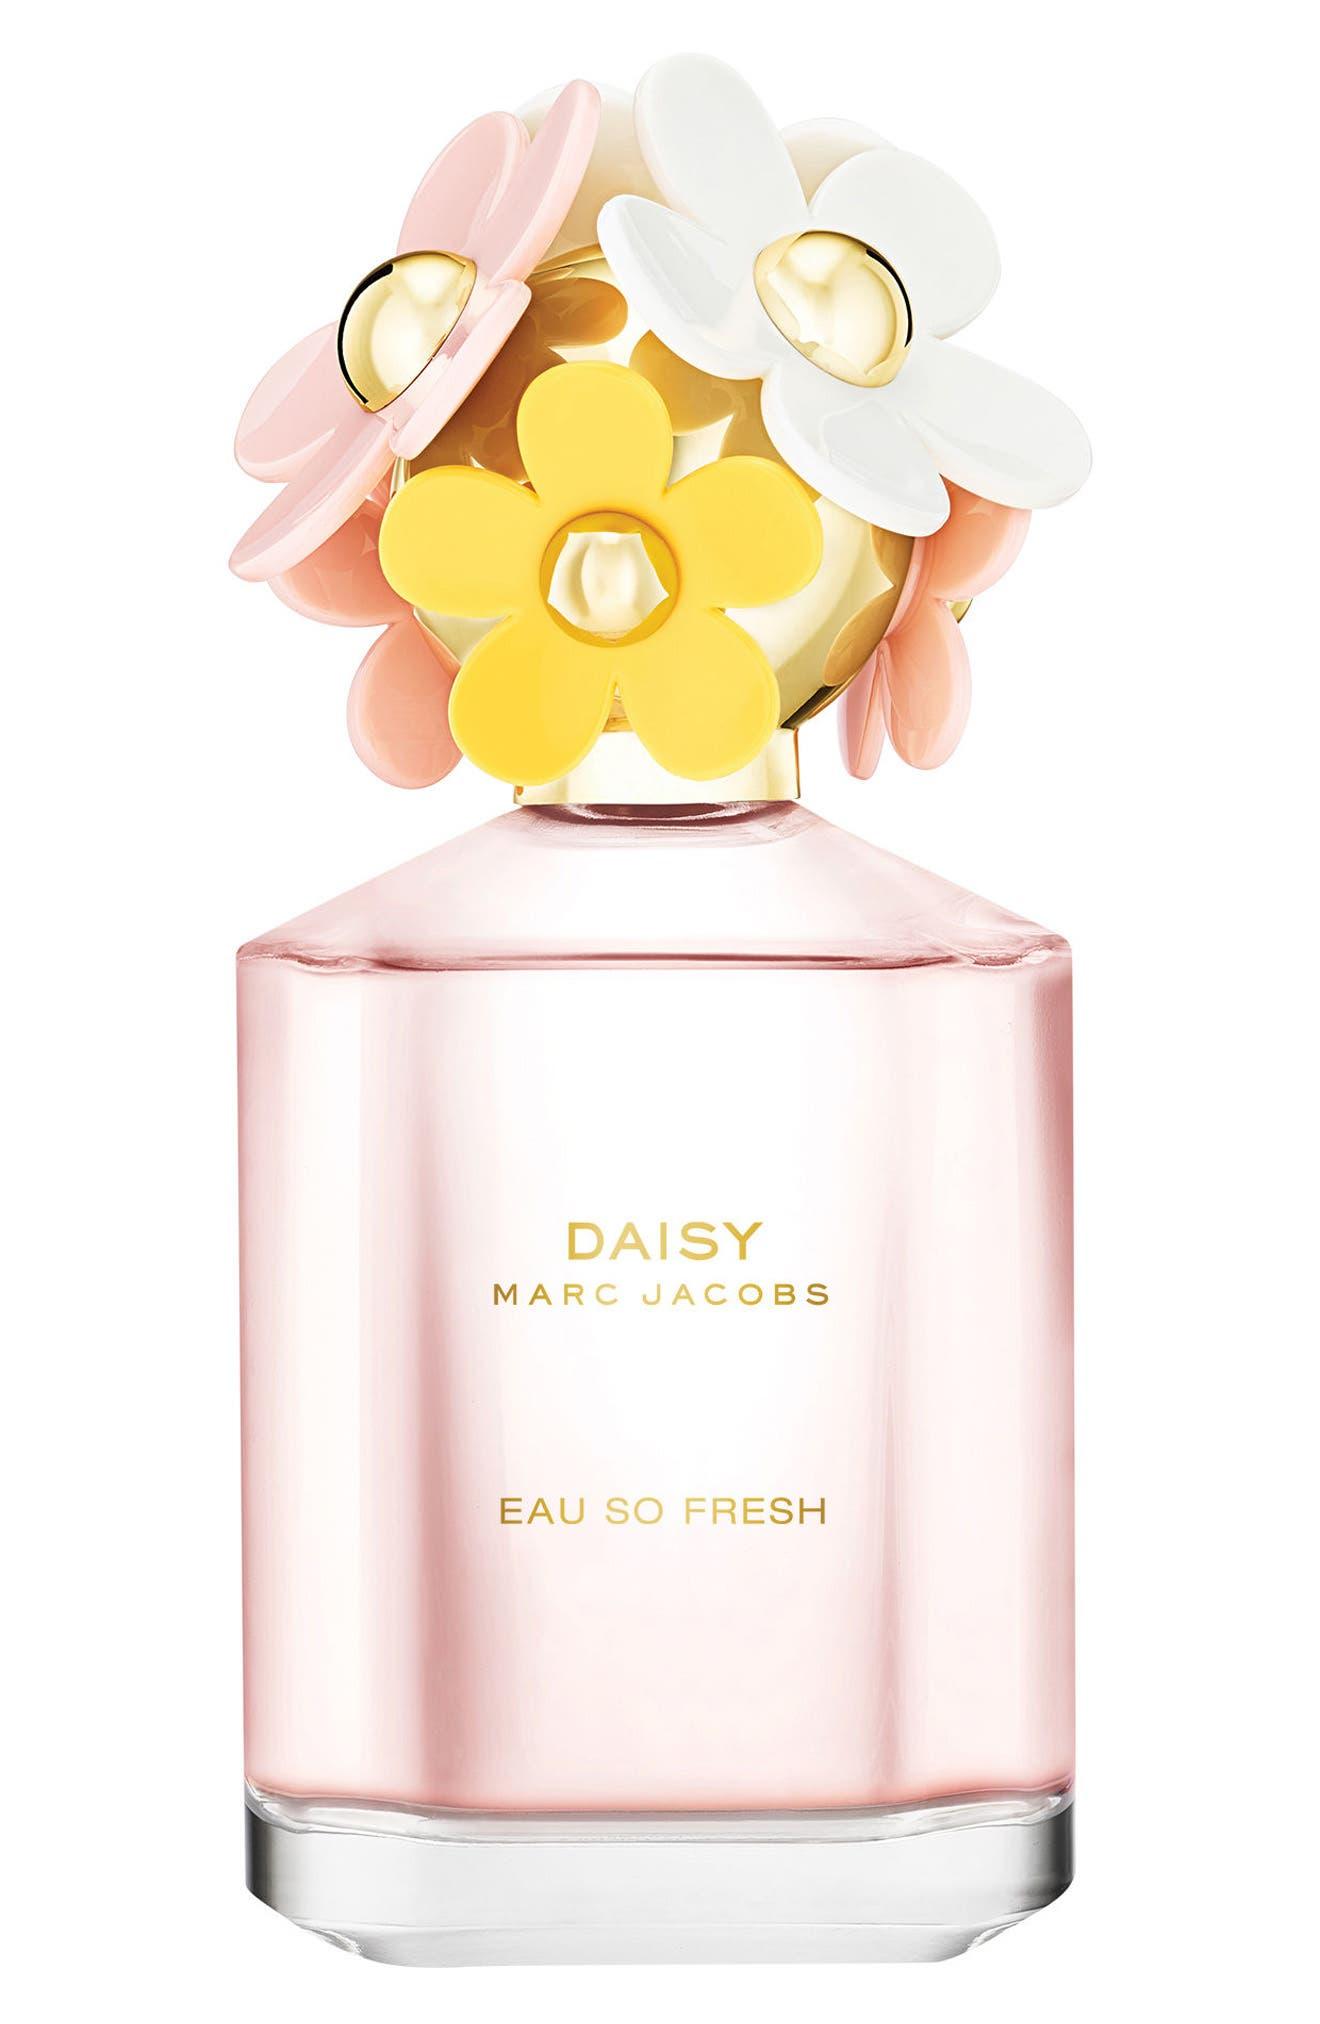 MARC JACOBS Daisy Eau So Fresh Eau de Toilette, Main, color, NO COLOR